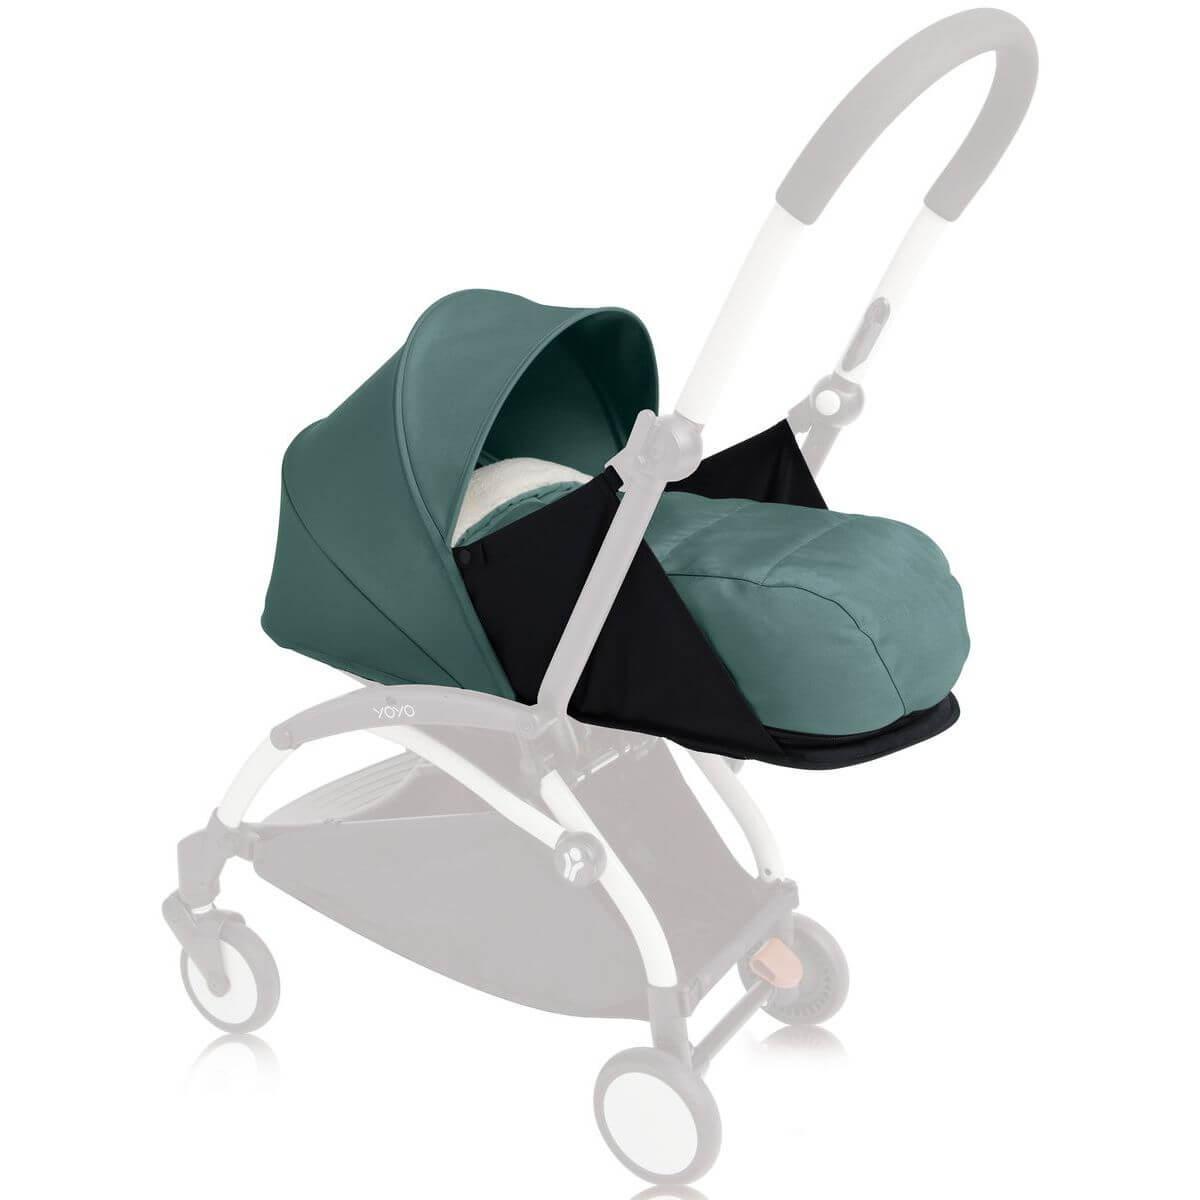 Neugeborenen-Set Kinderwagen YOYO+ 0+ Babyzen aqua